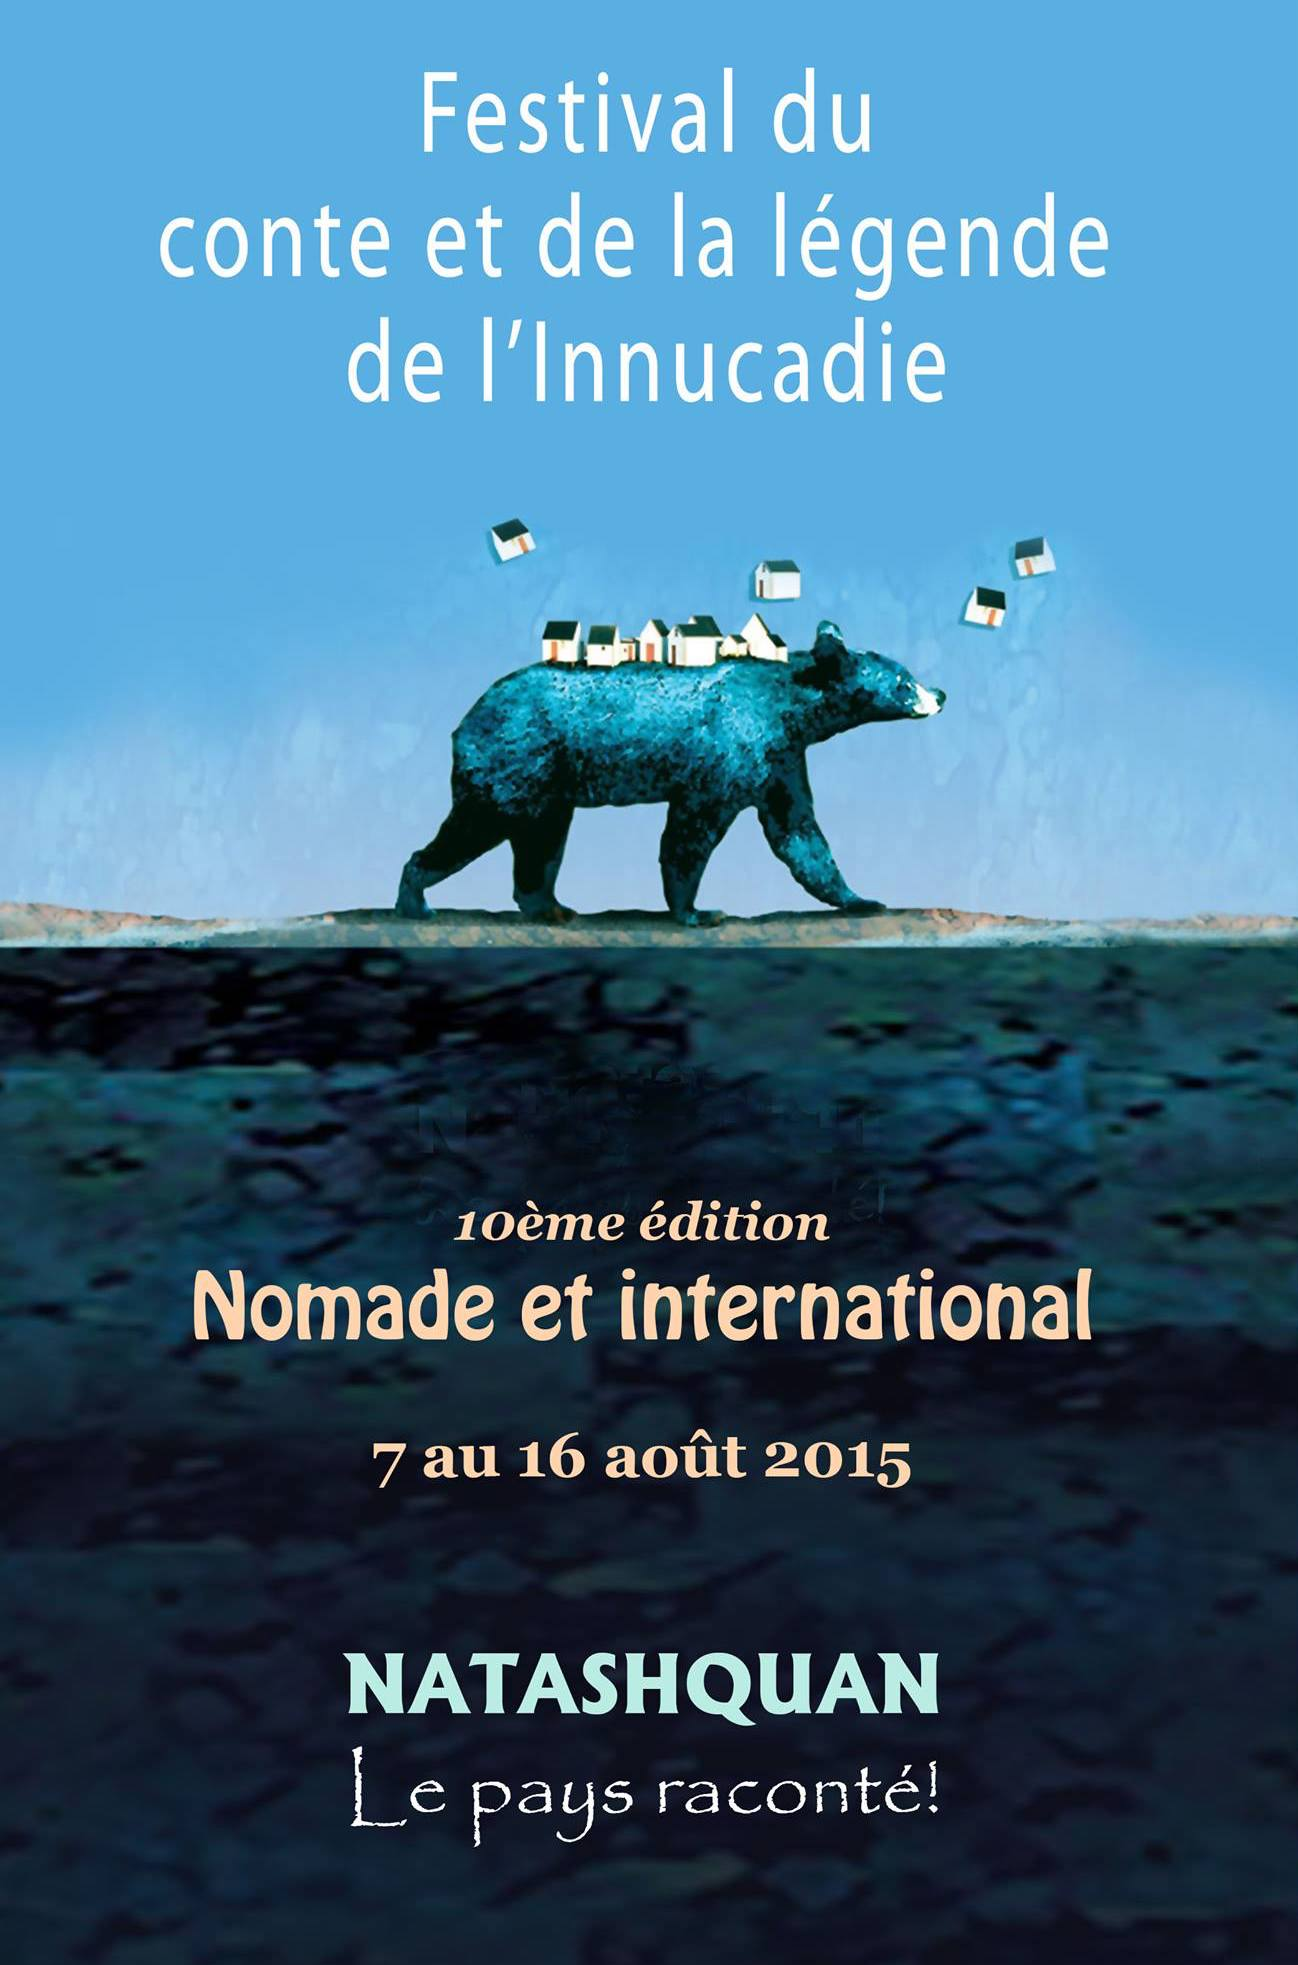 Dignitaires et affiches (2006-2021) |